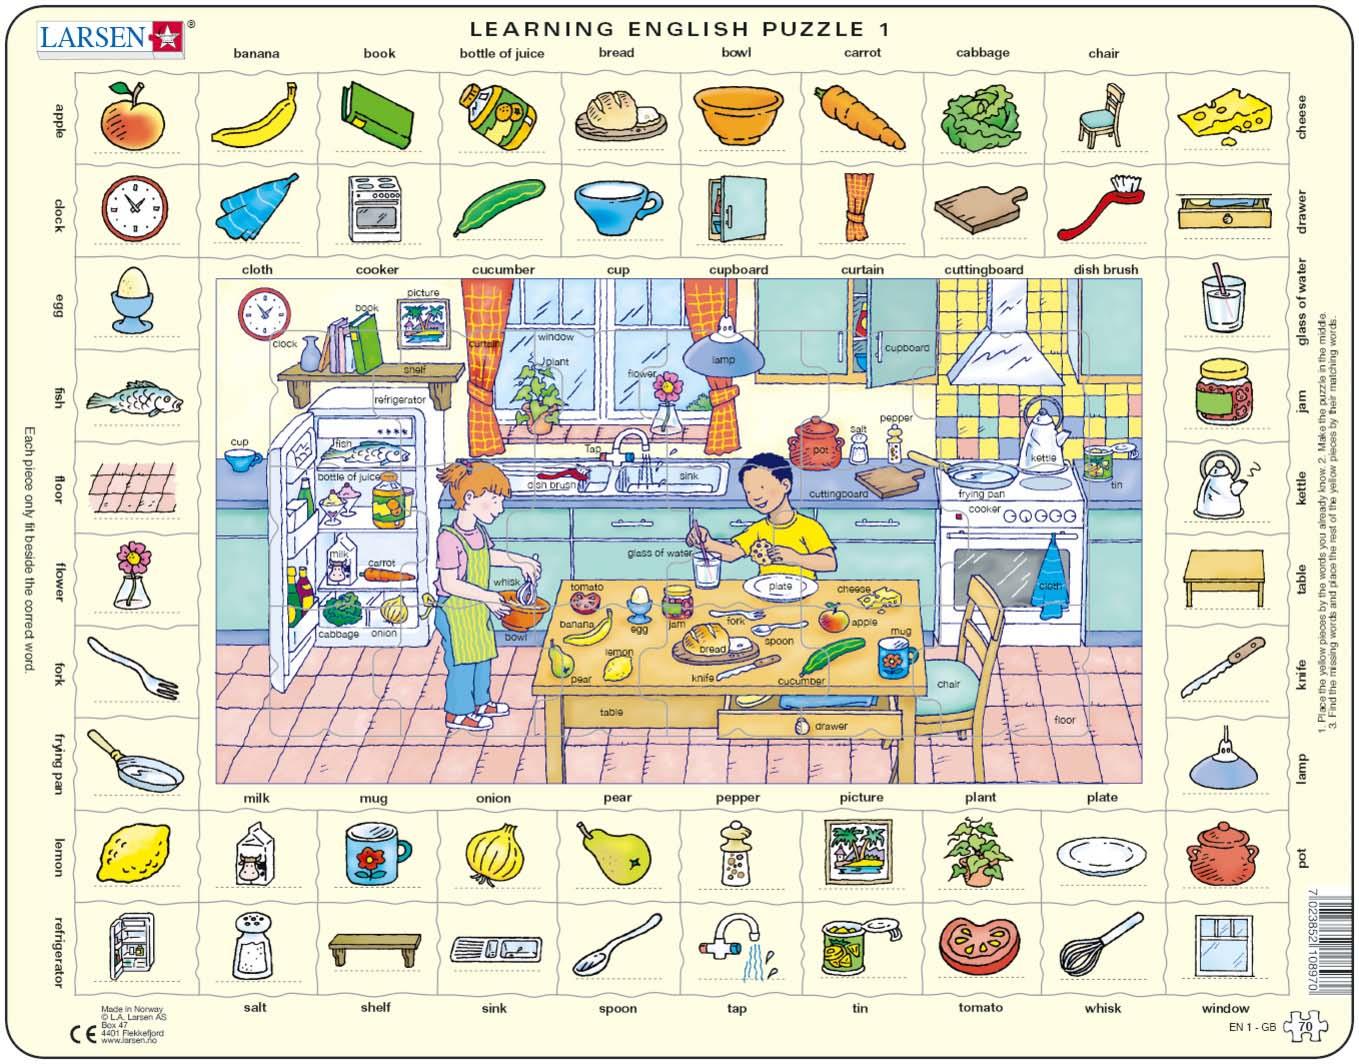 Купить Обучающий пазл – Изучаем английский 1, 70 деталей, Larsen